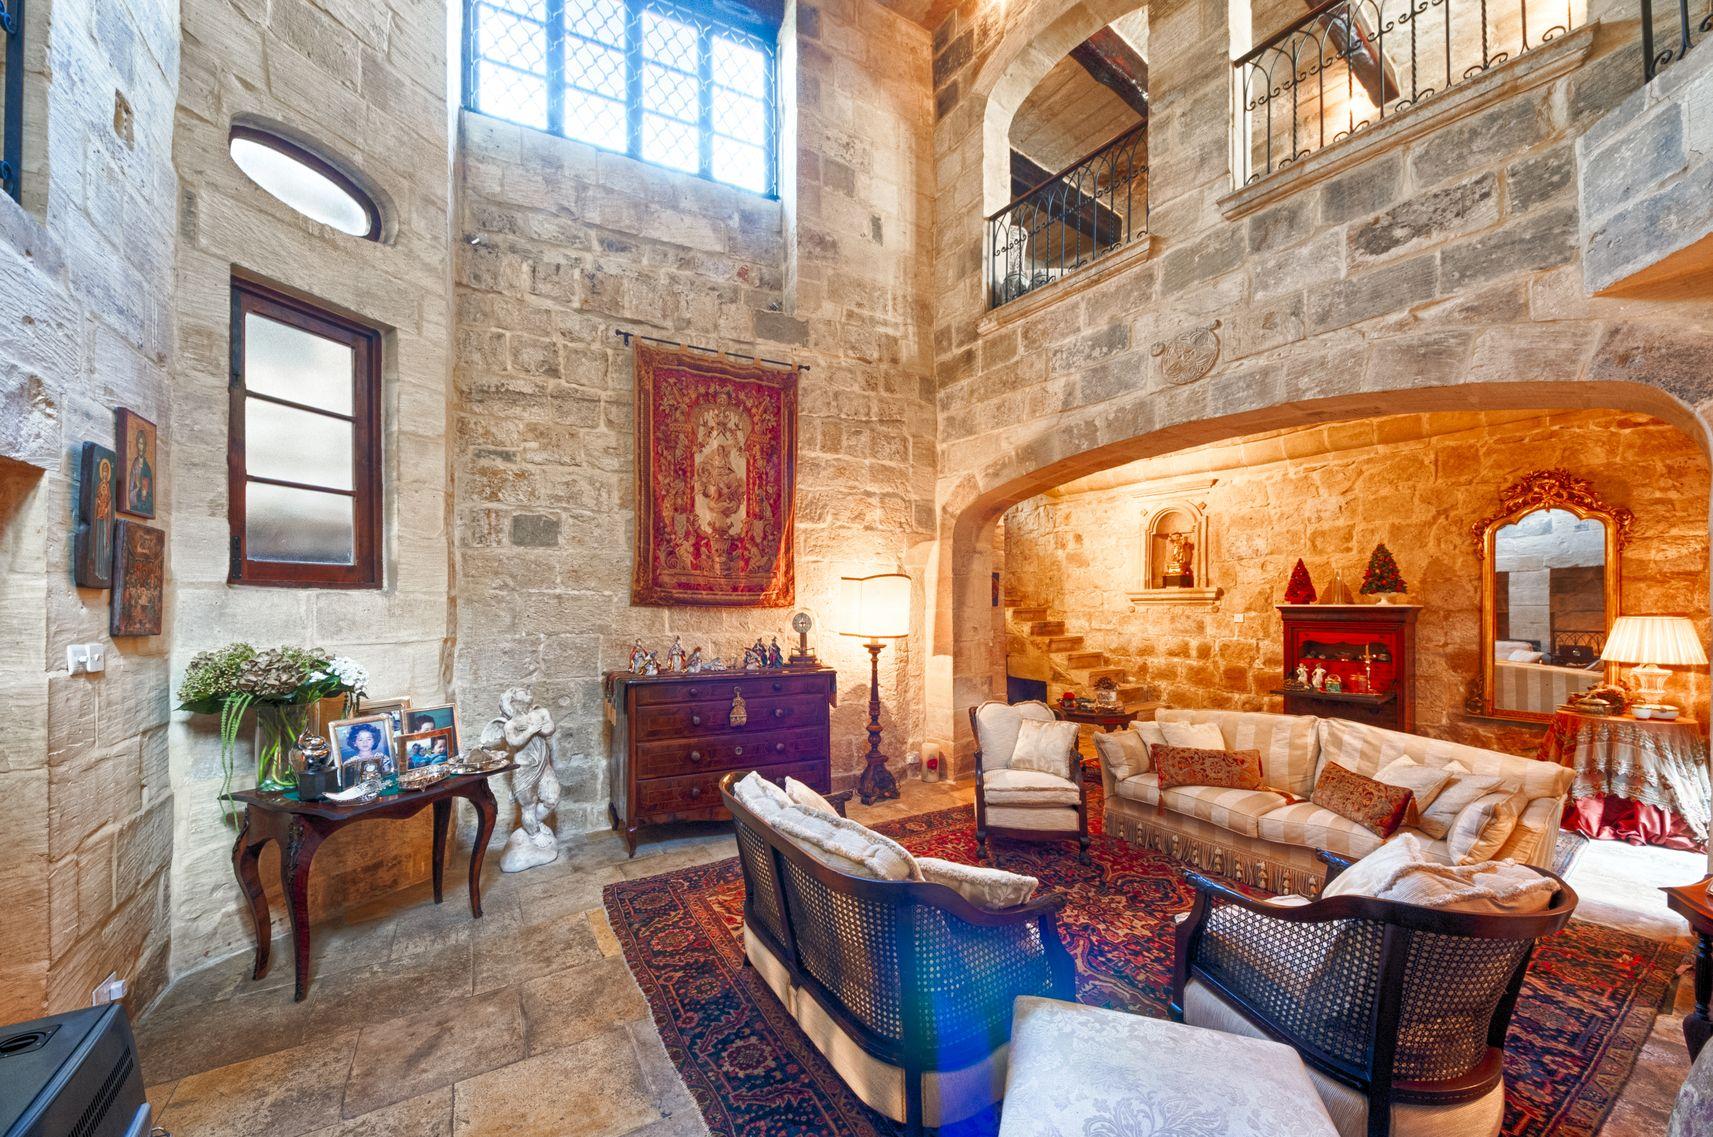 Malta property resize.jpg